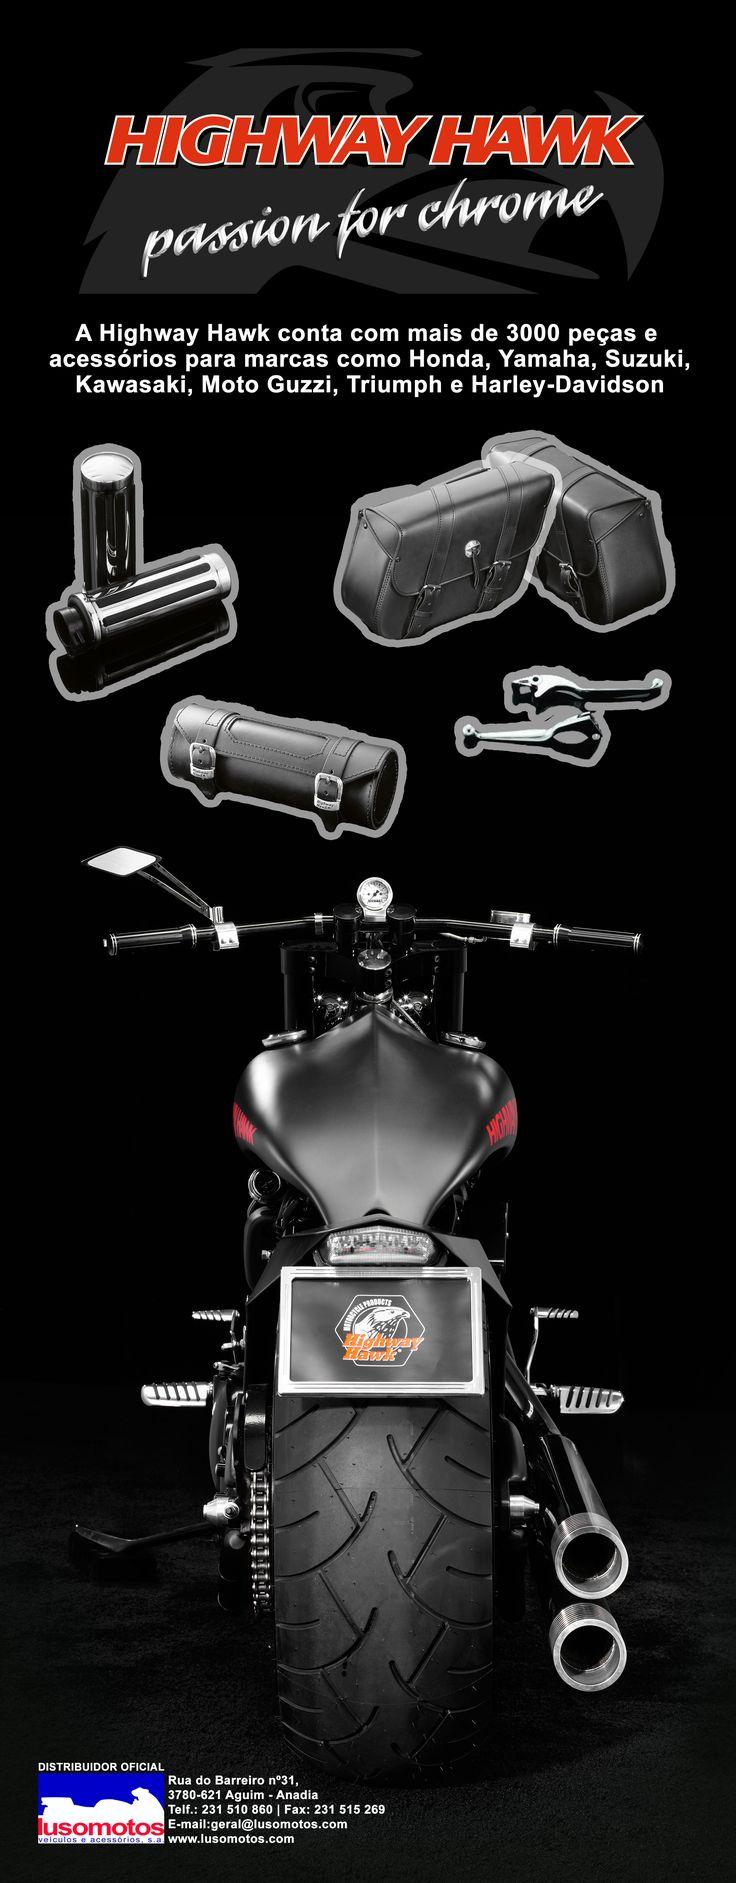 HIGHWAY HAWK || A Lusomotos tem à disposição dos seus clientes os produtos da Highway Hawk, que conta com mais de 3000 peças e acessórios para marcas como Honda, Yamaha, Suzuki, Kawasaki, Moto Guzzi, Triumph e Harley-Davidson (entre outras).  #lusomotos #highwayhawk #peçaseacessórios #honda #yamaha #suzuki #kawasaki #motoguzzi #triumph #harleydavidson #estilodevida